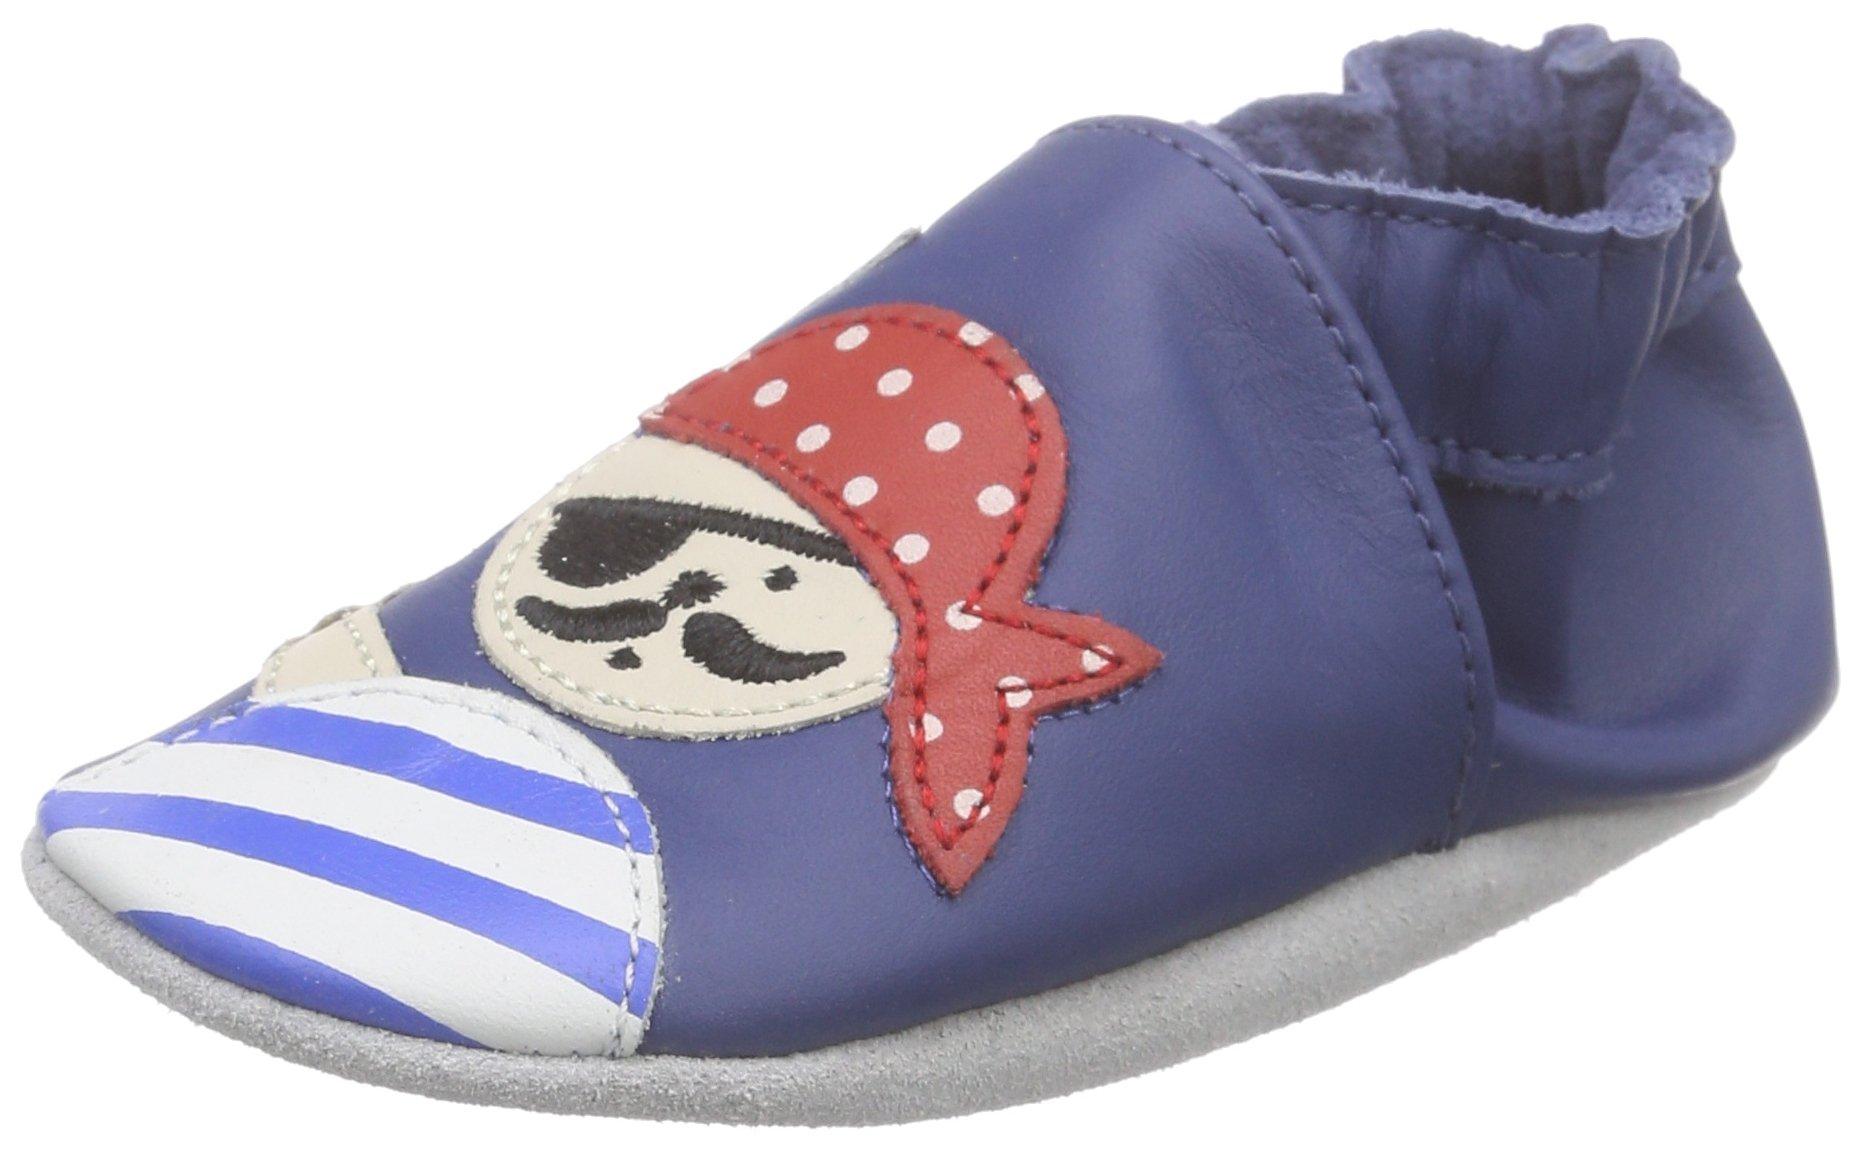 Robeez Baby Boys Jolly Peg Birth Shoes BLEU BLEU FONCé